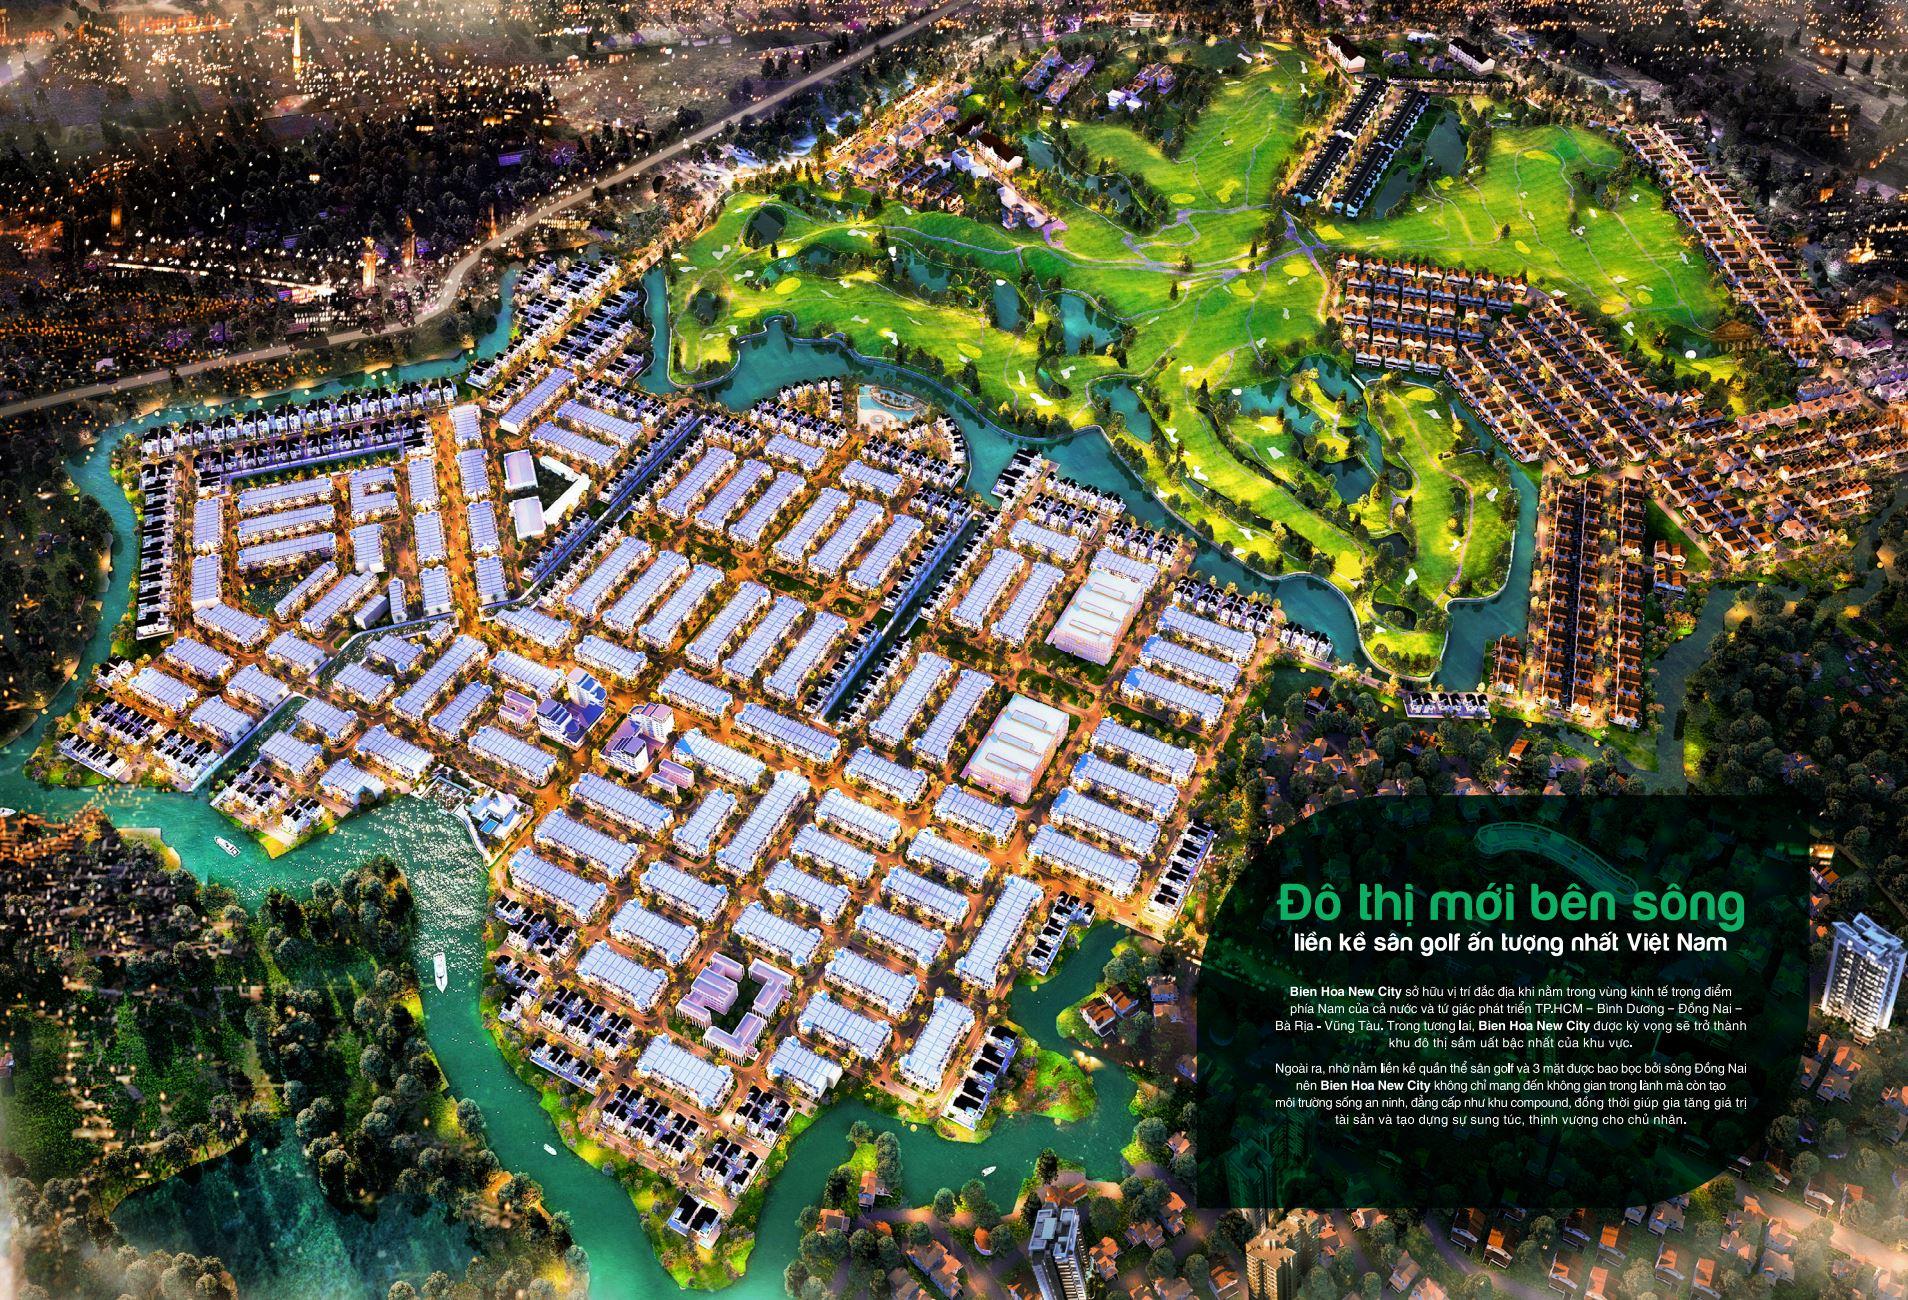 Bien Hoa New City – Đô Thị Mới Bên Sông